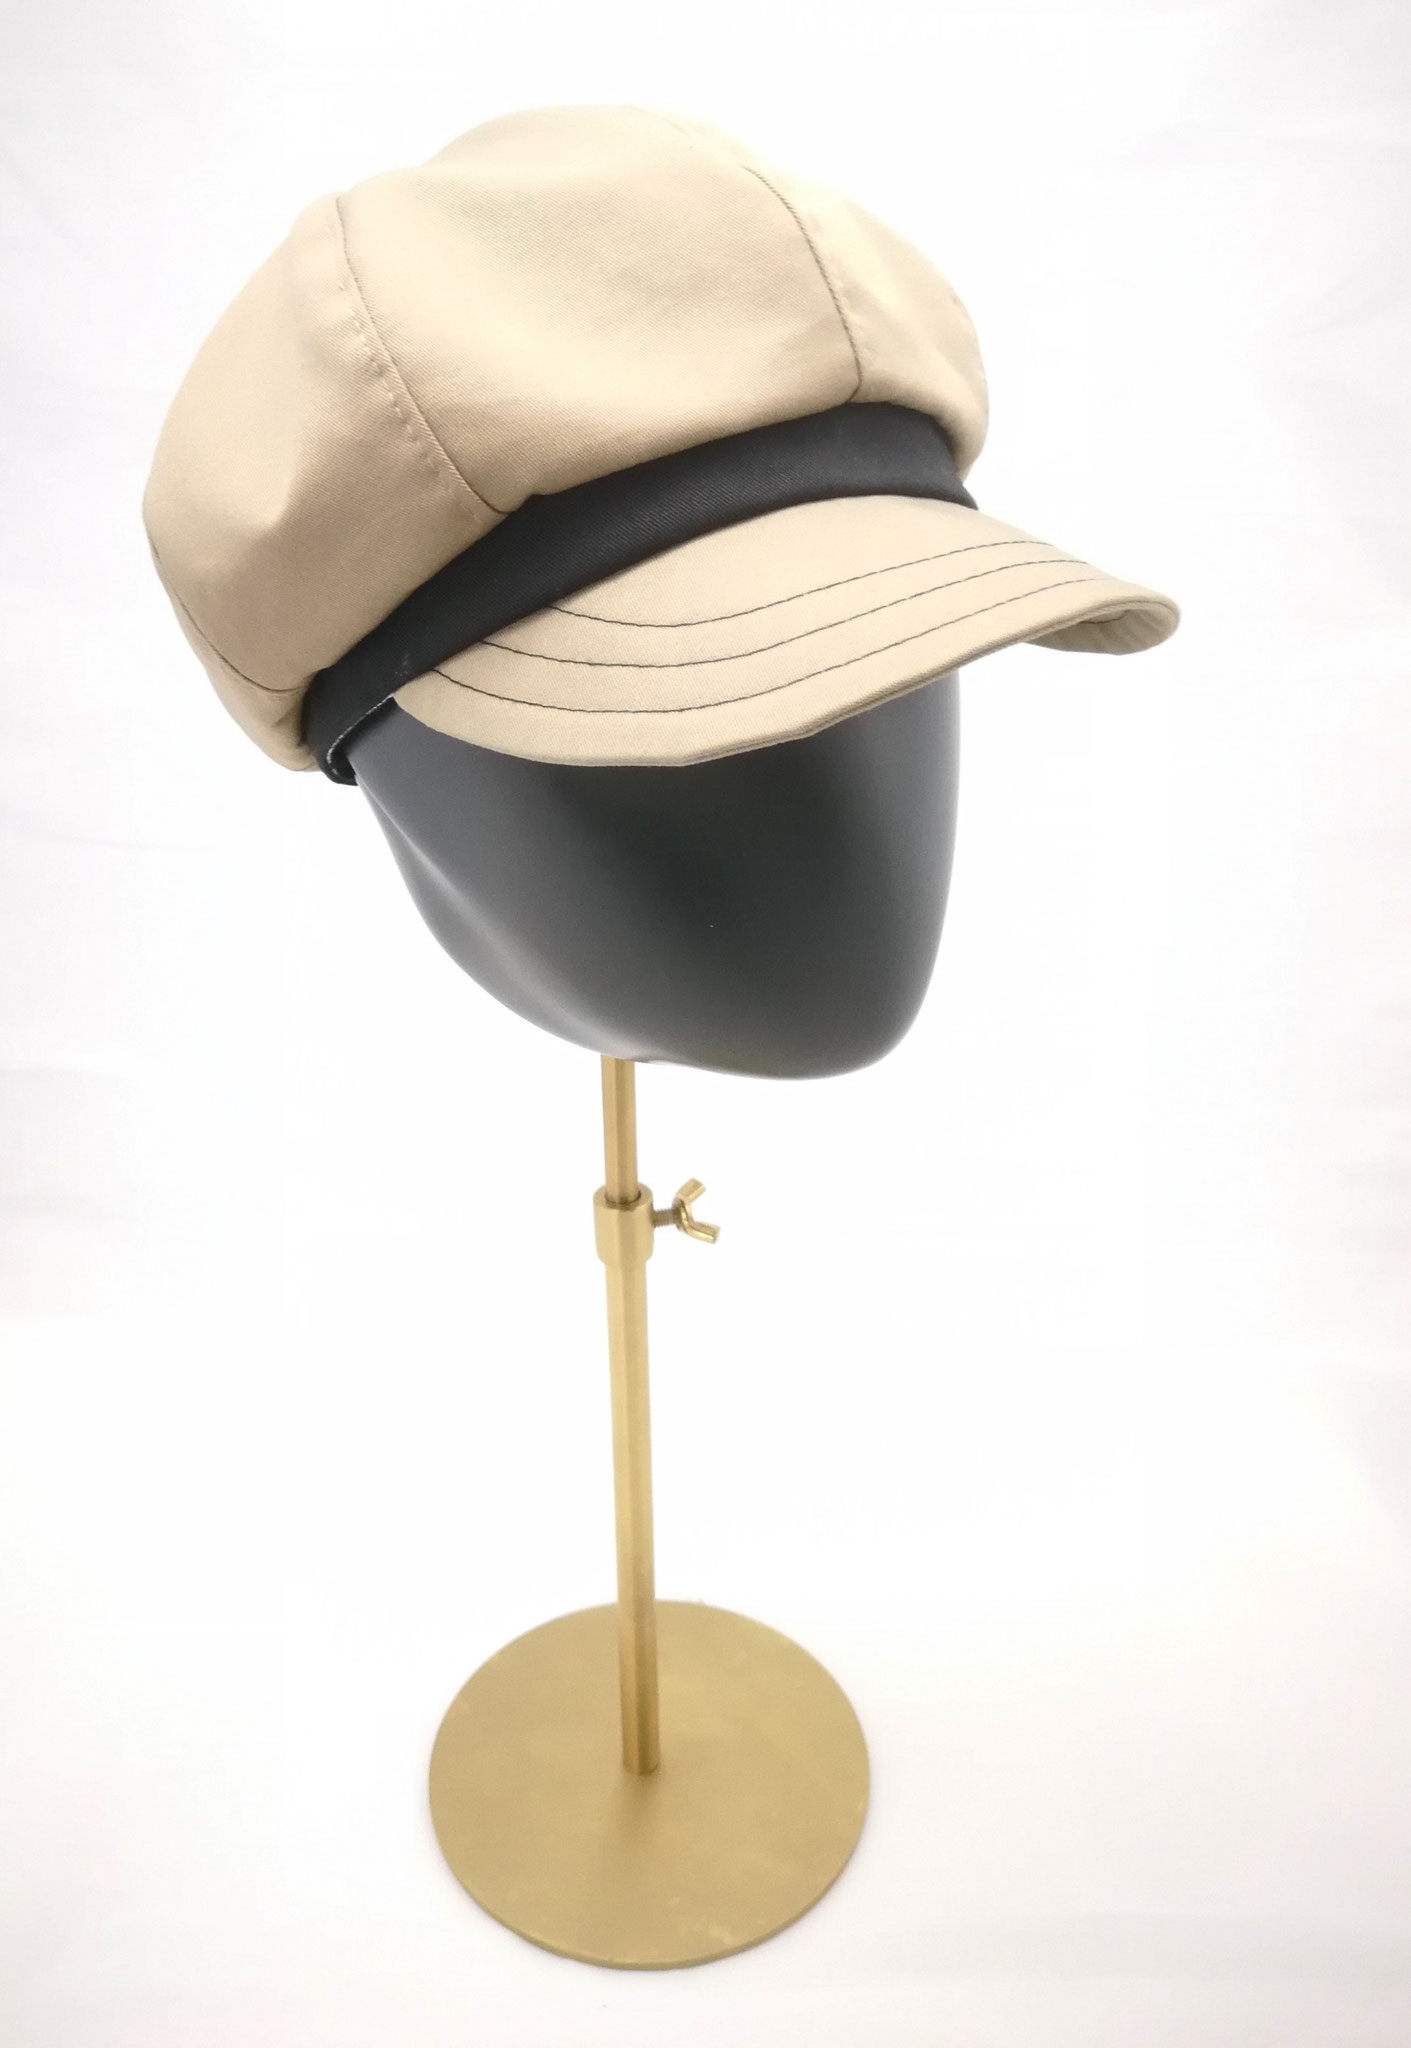 Ballonmütze mit Schirm, für sie und ihn, UV Stoff, beige, Manufakturarbeit, bestellbar Preis 64,90 €